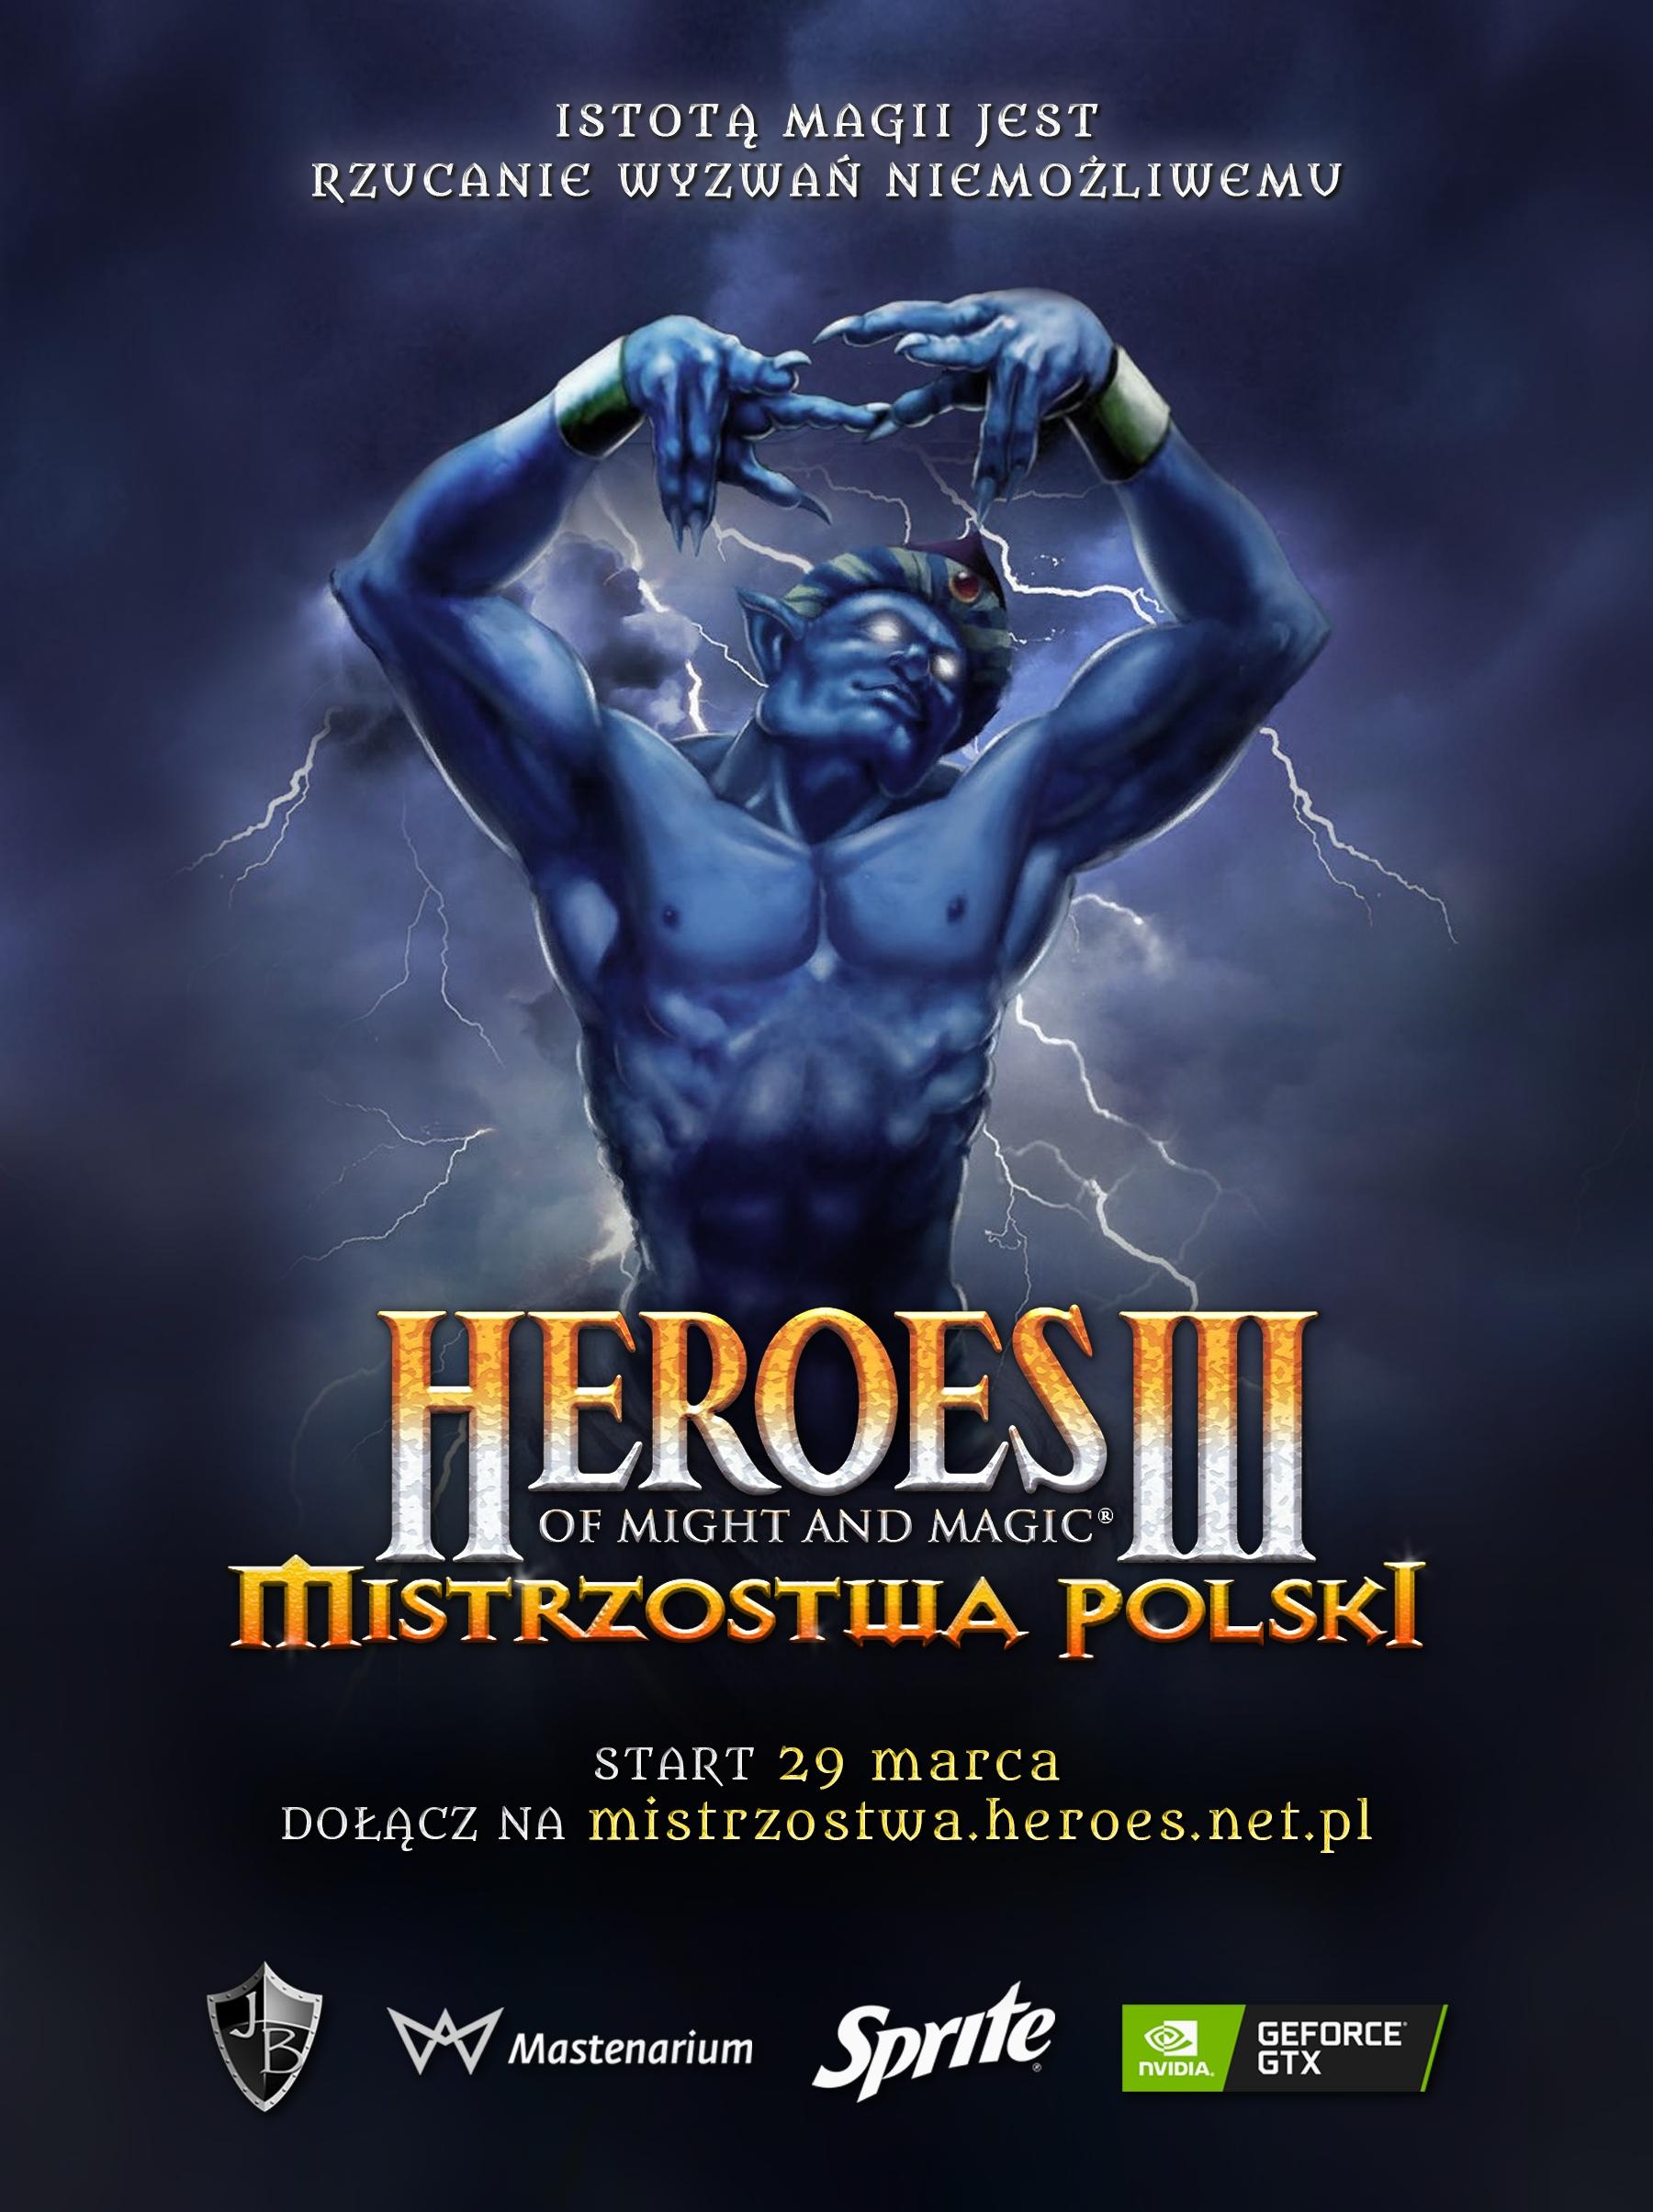 http://heroes.net.pl/uploaded//news-calendar/2019/poster-announcement-hd.jpg